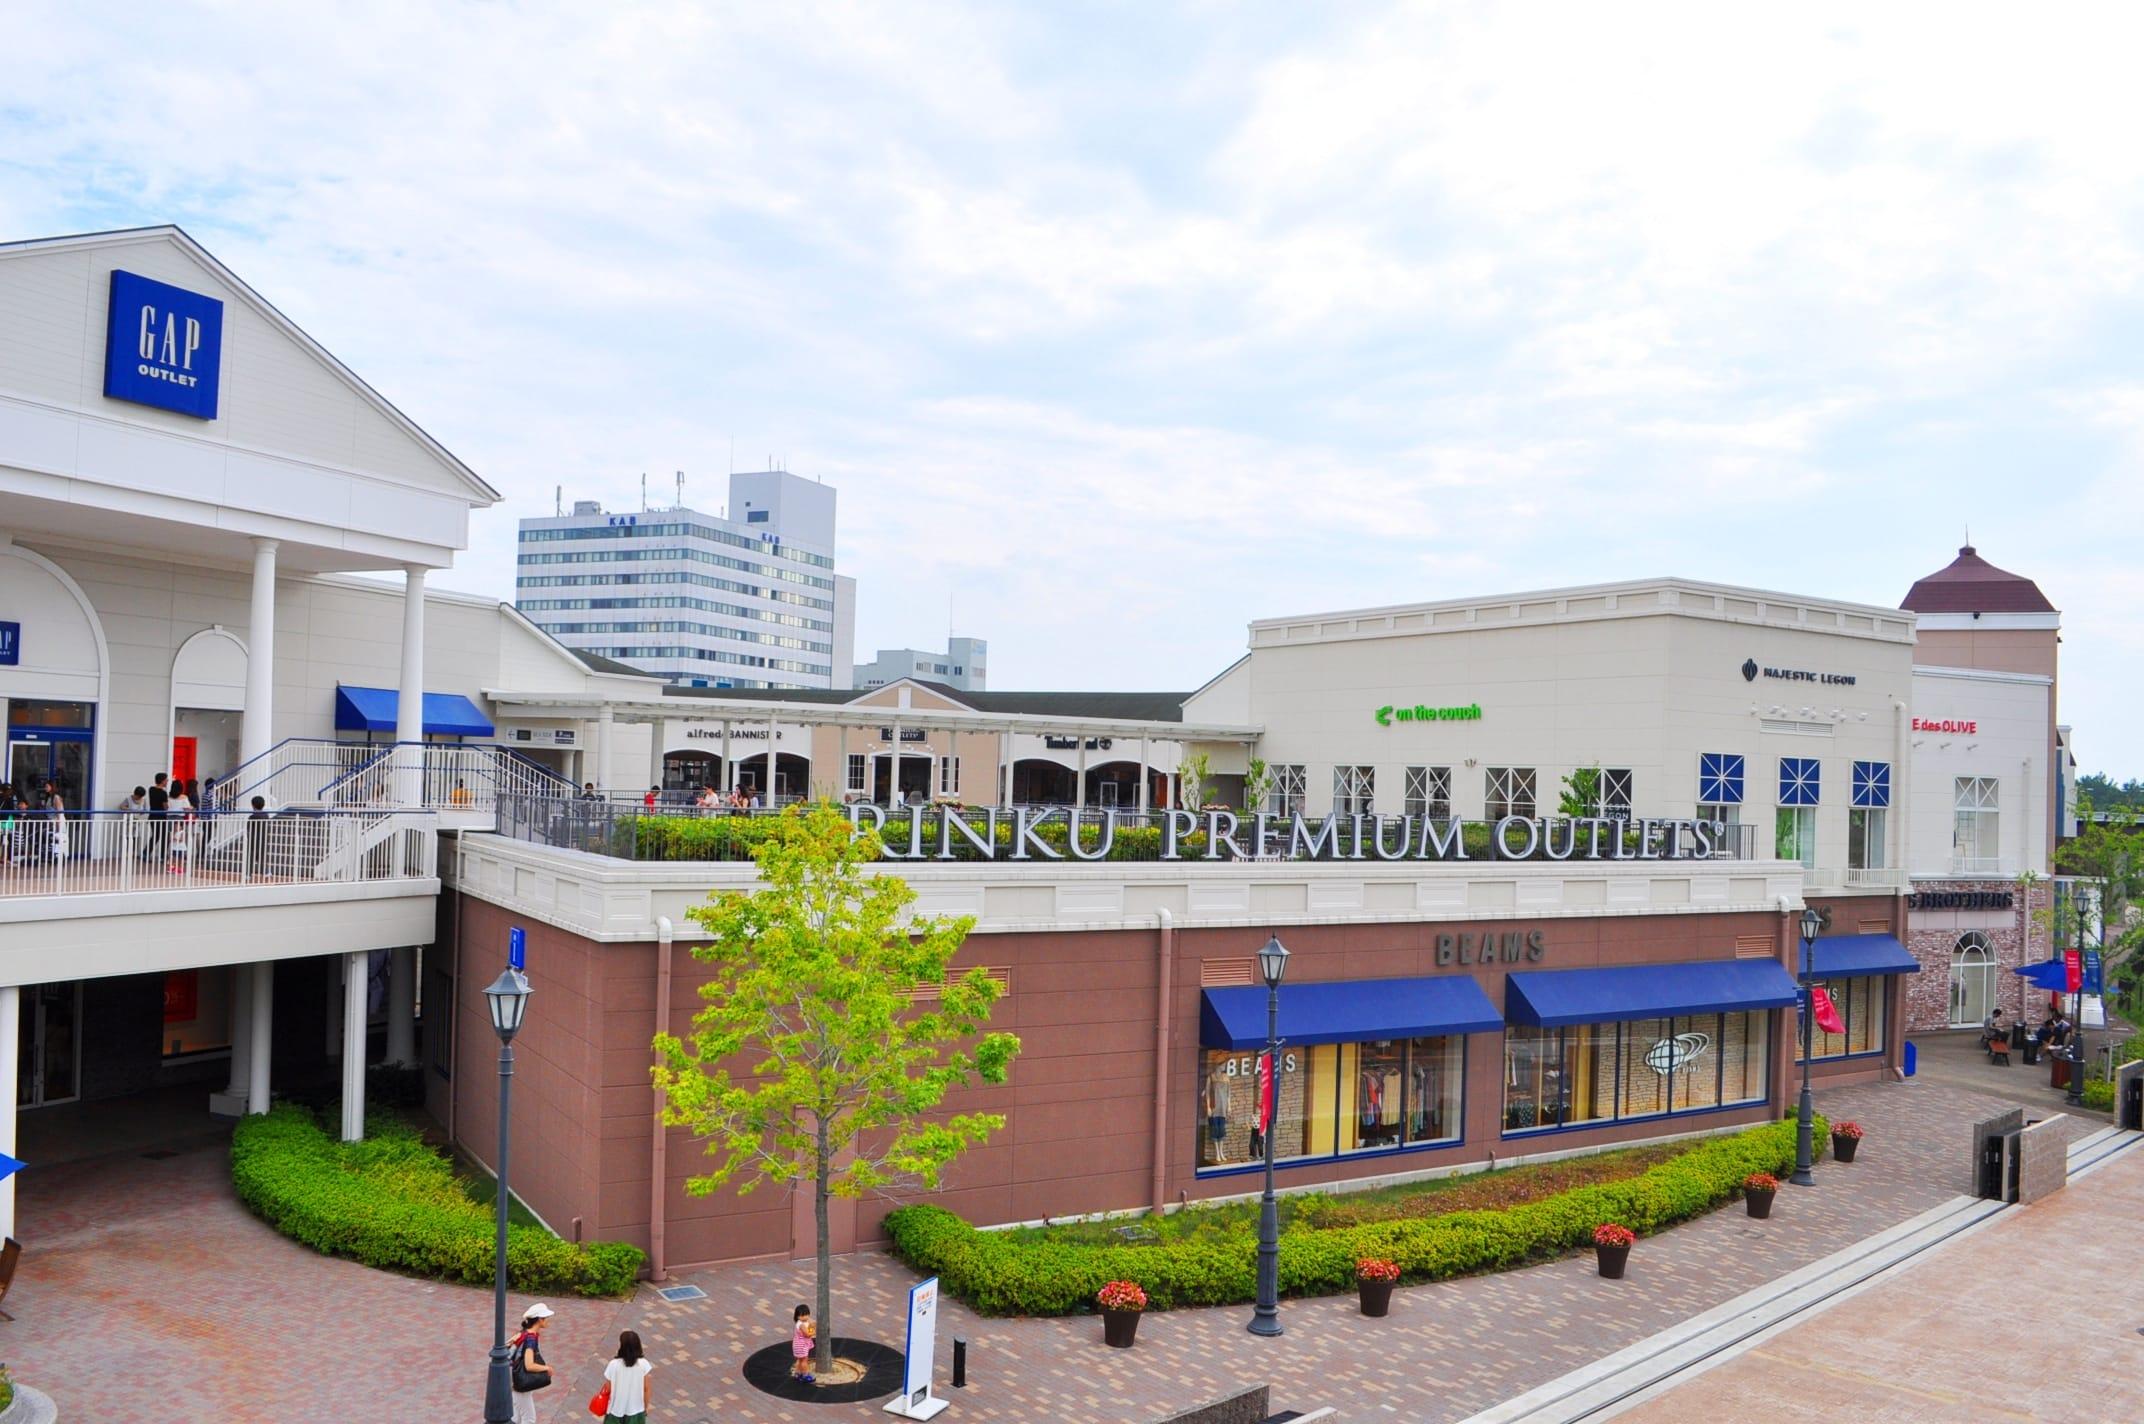 ช๊อปปิ้งที่「Rinku Premium Outlet 」กันดีกว่า   เพียงสถานีเดียวเท่านั้นจากสนามบินคันไซ!